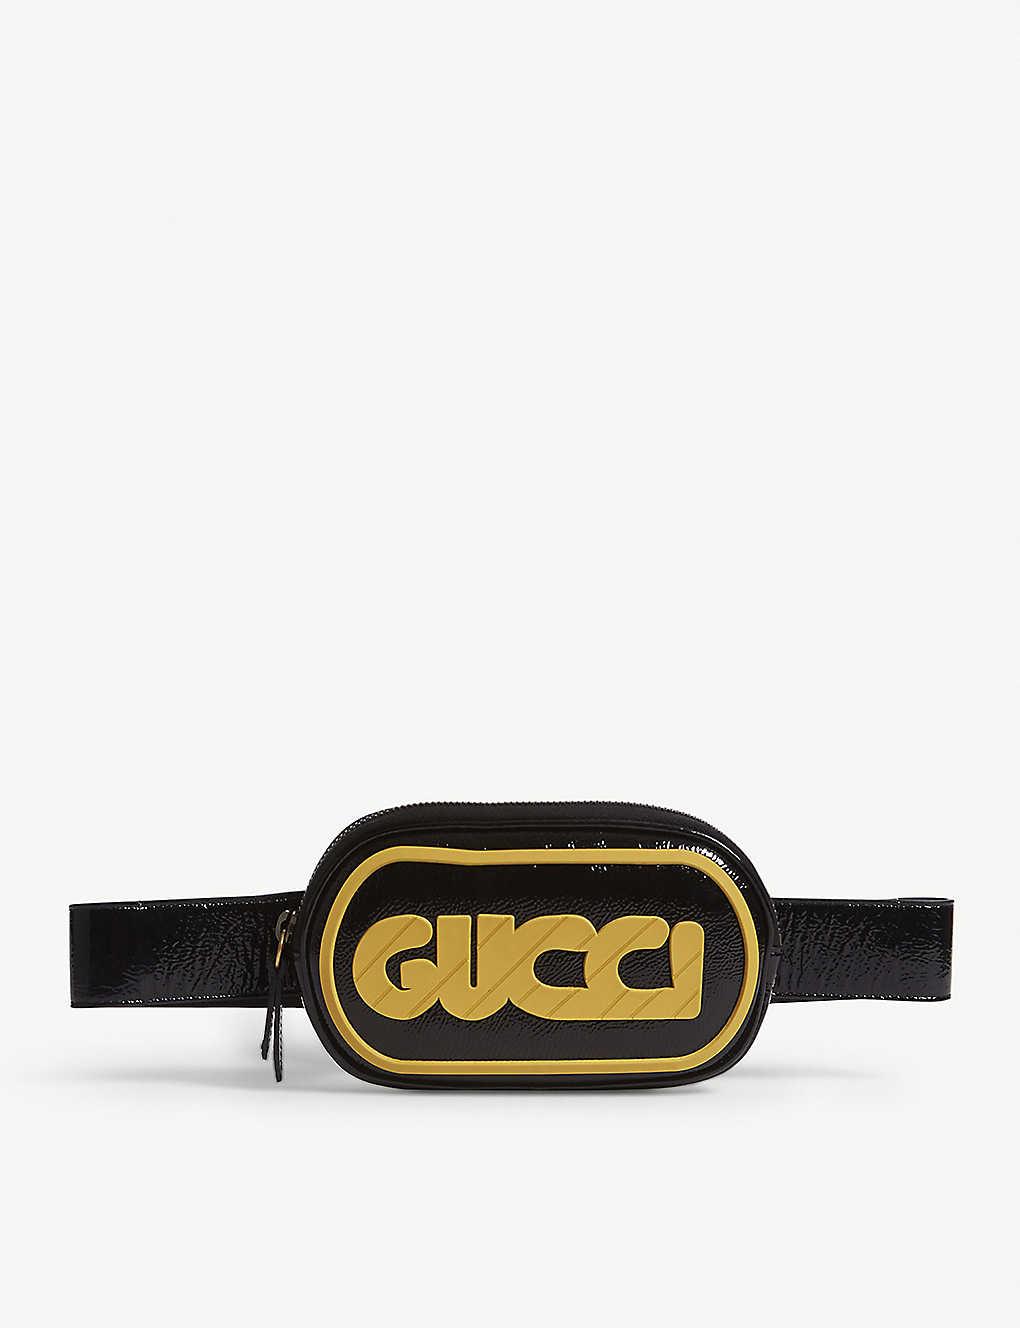 254afed8ed5 GUCCI - Striped logo patent leather belt bag